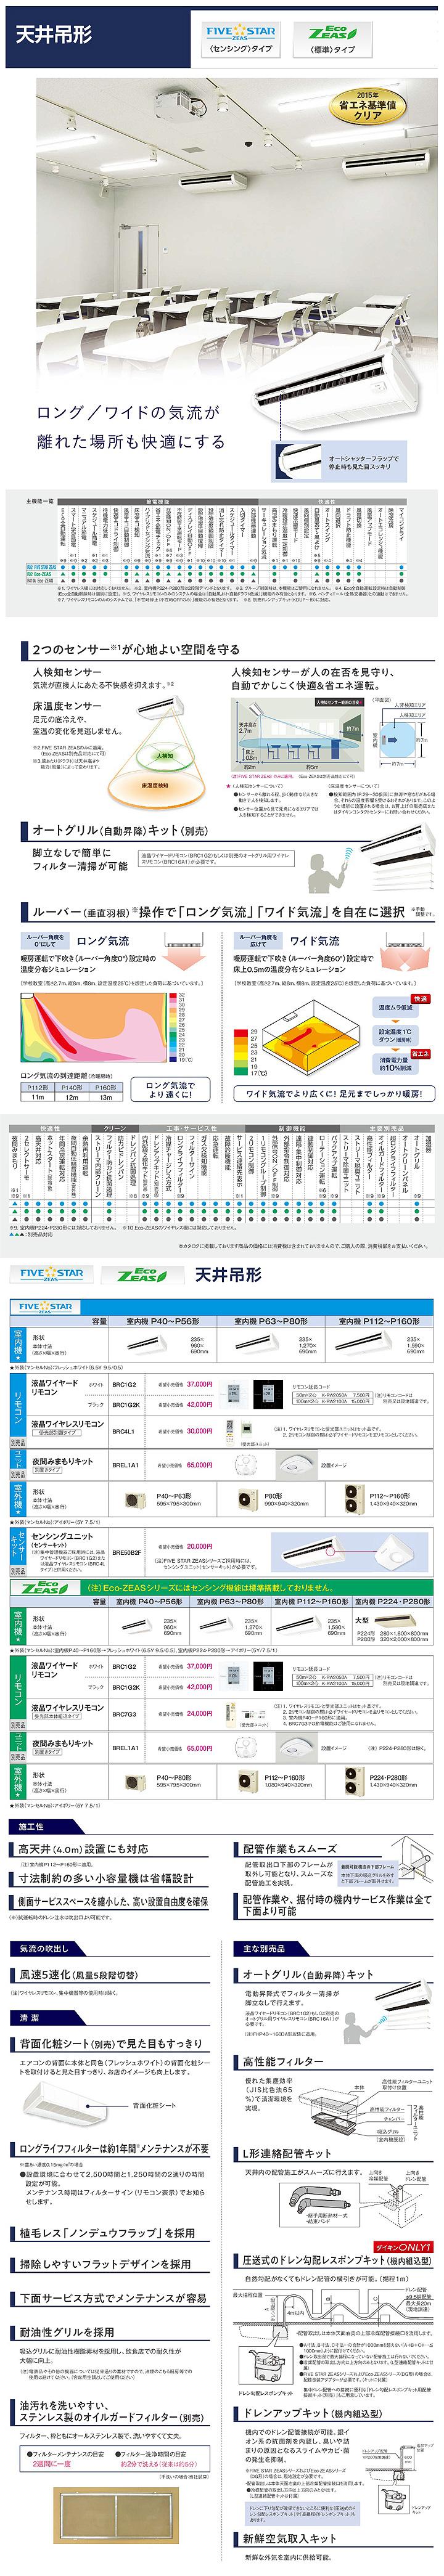 ダイキン SSRH45BCNV 業務用エアコン